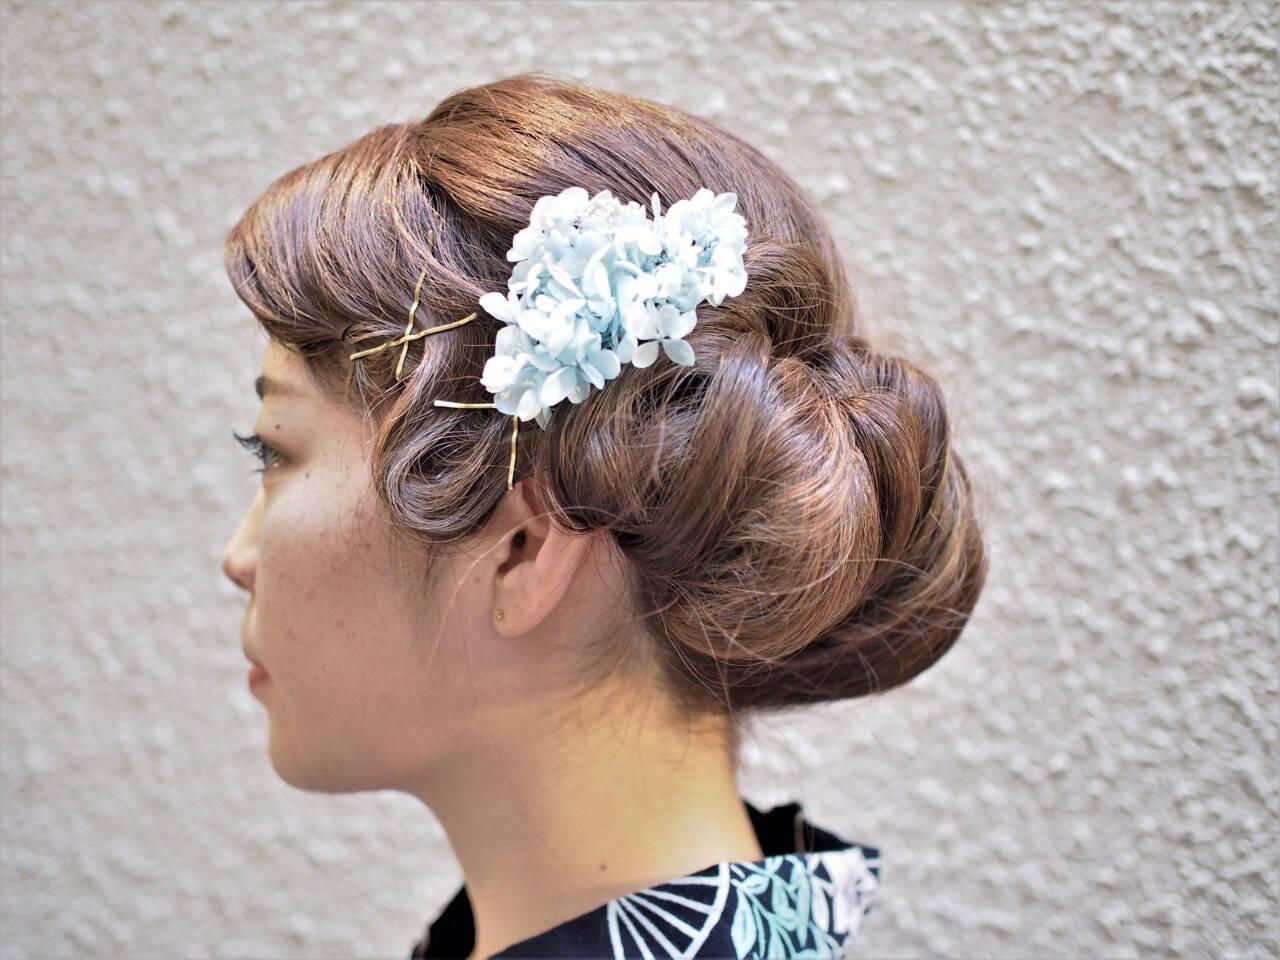 ウェーブ モード ヘアアレンジ 和装ヘアスタイルや髪型の写真・画像